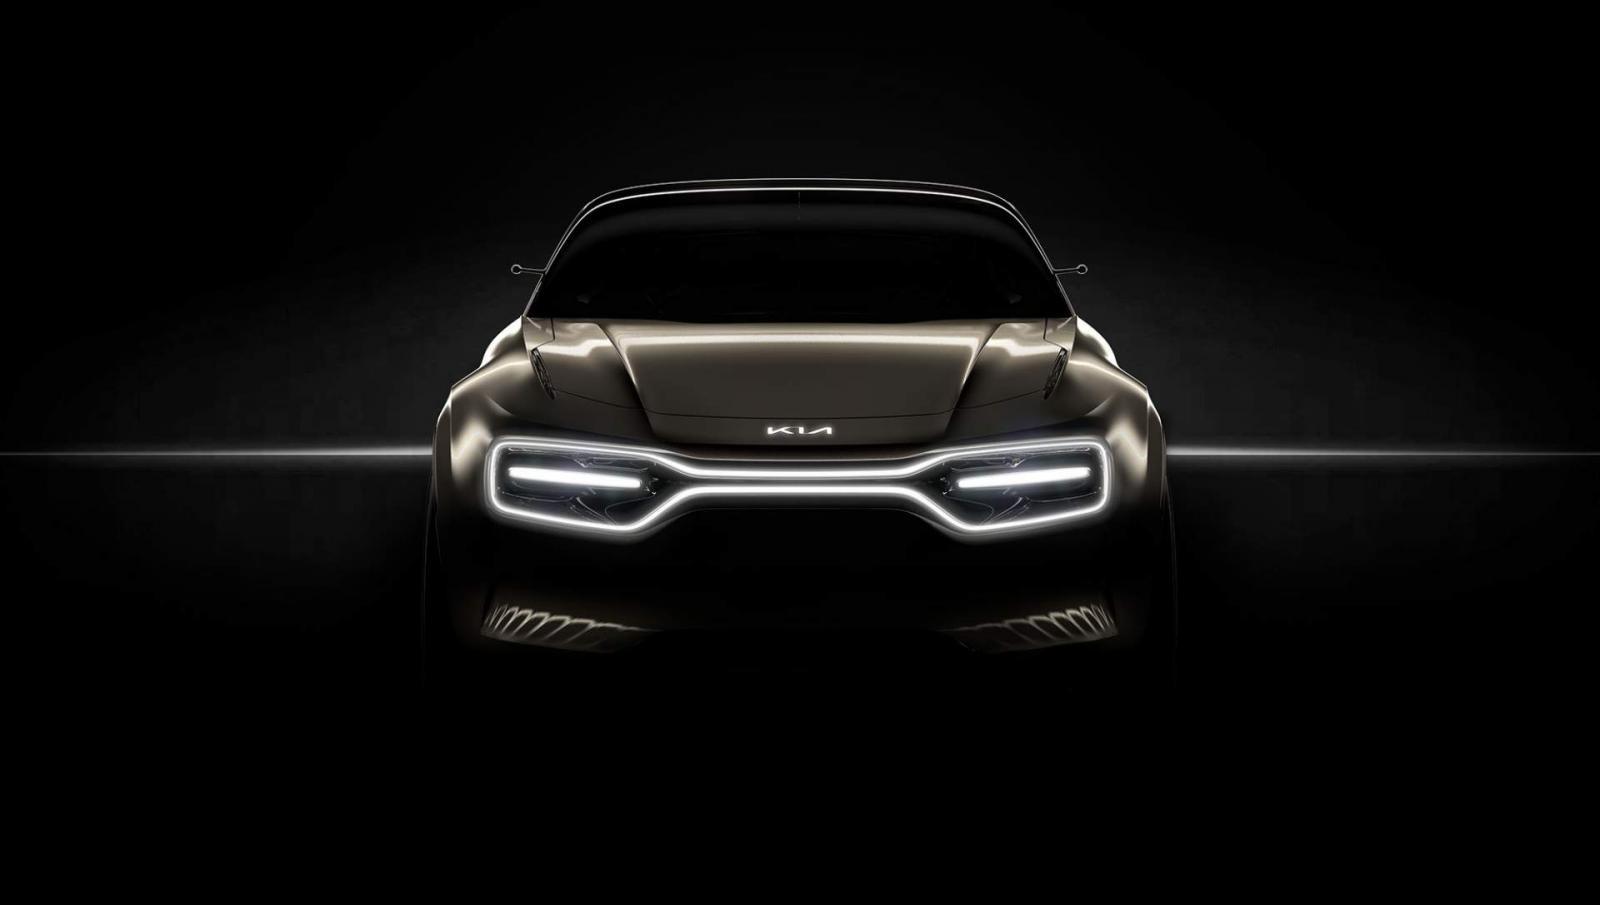 Hình ảnh hé mởmẫu xe điện concept mới chưa được đặt tên của Kia